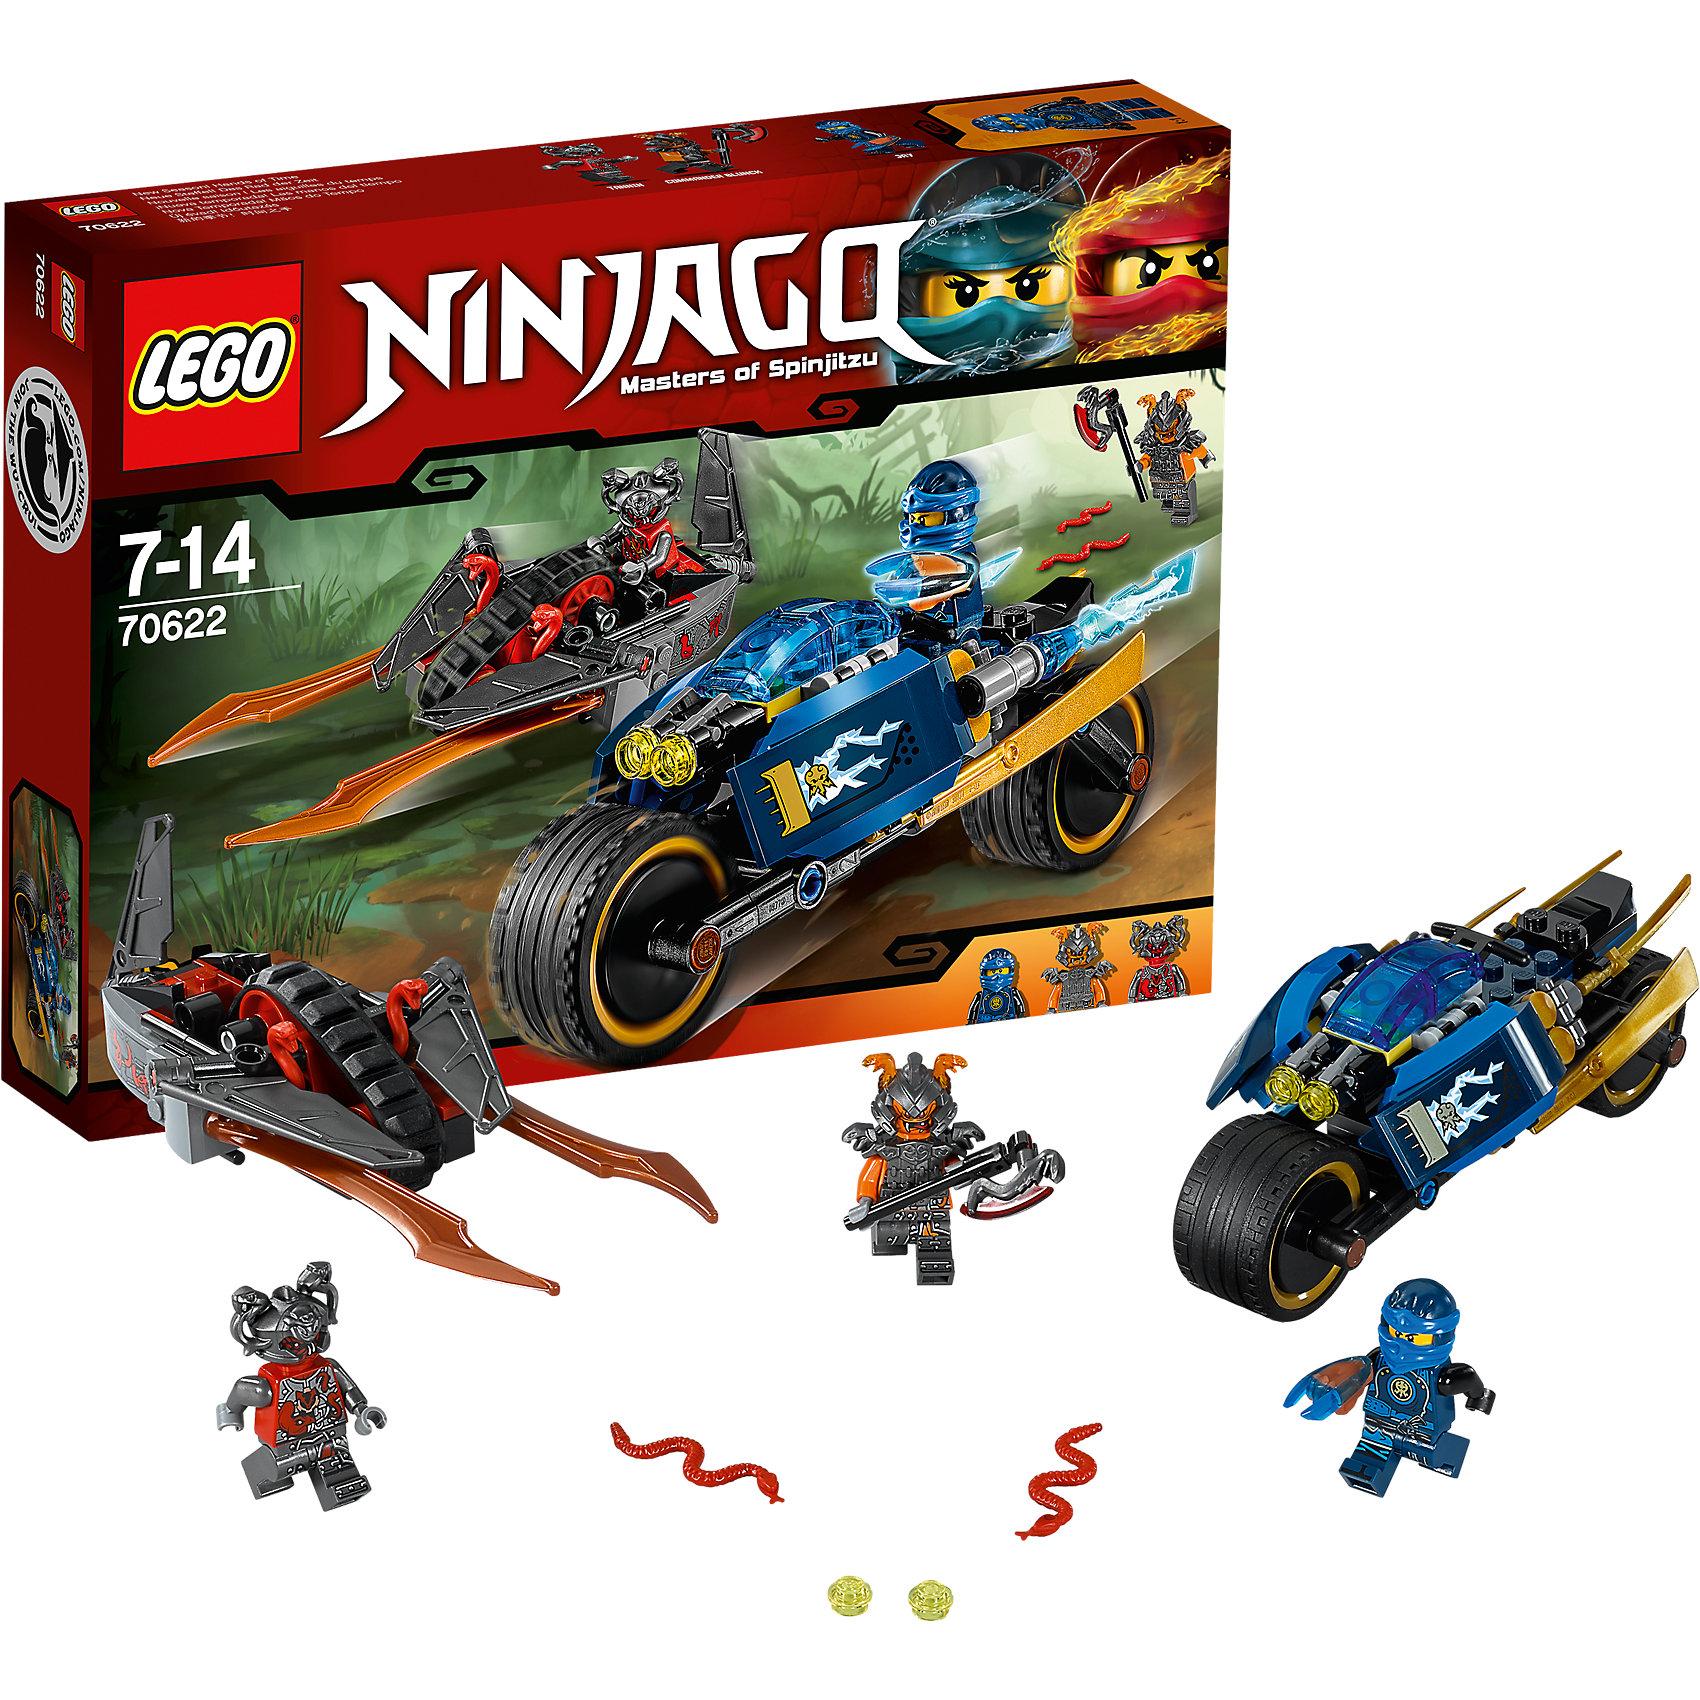 LEGO NINJAGO 70622: Пустынная молнияПластмассовые конструкторы<br>LEGO NINJAGO 70622: Пустынная молния<br><br>Характеристики:<br><br>- в набор входит: детали двух транспортных средств, 3 минифигурки, 1 клинок времени, аксессуары, красочная инструкция по сборке<br>- минифигурки набора: Джей, командир Бланк, Таннин<br>- состав: пластик<br>- количество деталей: 201<br>- размер Пустынной молнии: 15 * 5 * 6 см. <br>- размер машины вермиллионов: 18 * 6 * 8 см.<br>- для детей в возрасте: от 7 до 14 лет<br>- Страна производитель: Дания/Китай/Чехия<br><br>Легендарный конструктор LEGO (ЛЕГО) представляет серию «NINJAGO» (Ниндзяго) - это увлекательный мир воинов ниндзя против зла. Ребенку понравятся разнообразие приключений и возможности новых игр. <br><br>Джей представлен в своем новом, более детализированном кимоно, его синие цвета и необыкновенная маска ему очень идут. Злодей командир Бланк представлен в тяжелом доспехе, на его шлеме расположены две змеи, под доспехами фигурка разрисована и все еще выглядит угрожающе, у фигурки два выражения лица. Второй злодей, Таннин, выступает в объемном шлеме и с большим топором, у него также два лица. Пустынная молния Джея представлена в тон его костюма, на мотоцикле расположены две фронтальные пушки, стреляющие снарядами. Из выхлопных труб вырываются синие языки пламени. По бокам мотоцикл защищен золотыми клинками. Ниндзя вооружен клинком времени. <br><br>Транспортное средство злодеев двигается на гусенице, расположенной посередине. Спереди два длинных бронзовых клинка, средство может расправлять крылья и превращаться в летательный аппарат. Возле кабаны две красные устрашающие змеи. Помоги Джею применить клинок времени и победить злодеев Алой армии. <br><br>Играя с конструктором ребенок развивает моторику рук, воображение и логическое мышление, научится собирать по инструкции и создавать свои модели. Придумывайте новые истории любимых героев с набором LEGO «NINJAGO»!<br><br>Конструктор LEGO NINJAGO 70622: Пустынная молния можно купить